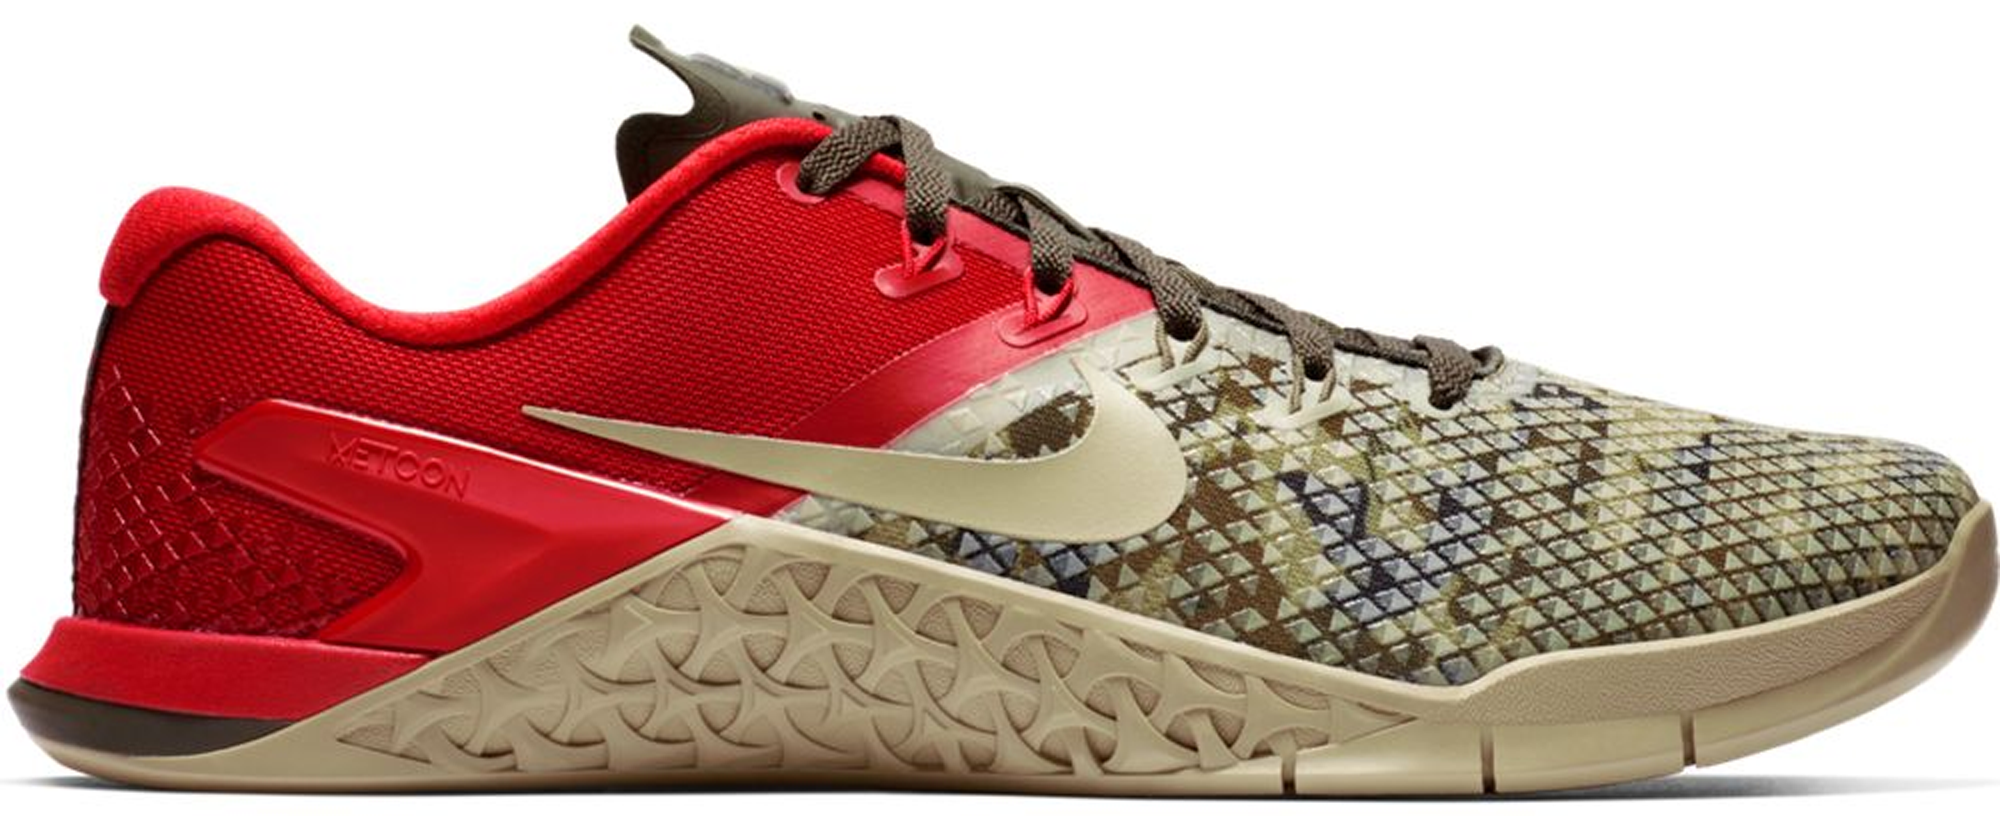 Nike Metcon 4 XD Sequoia University Red